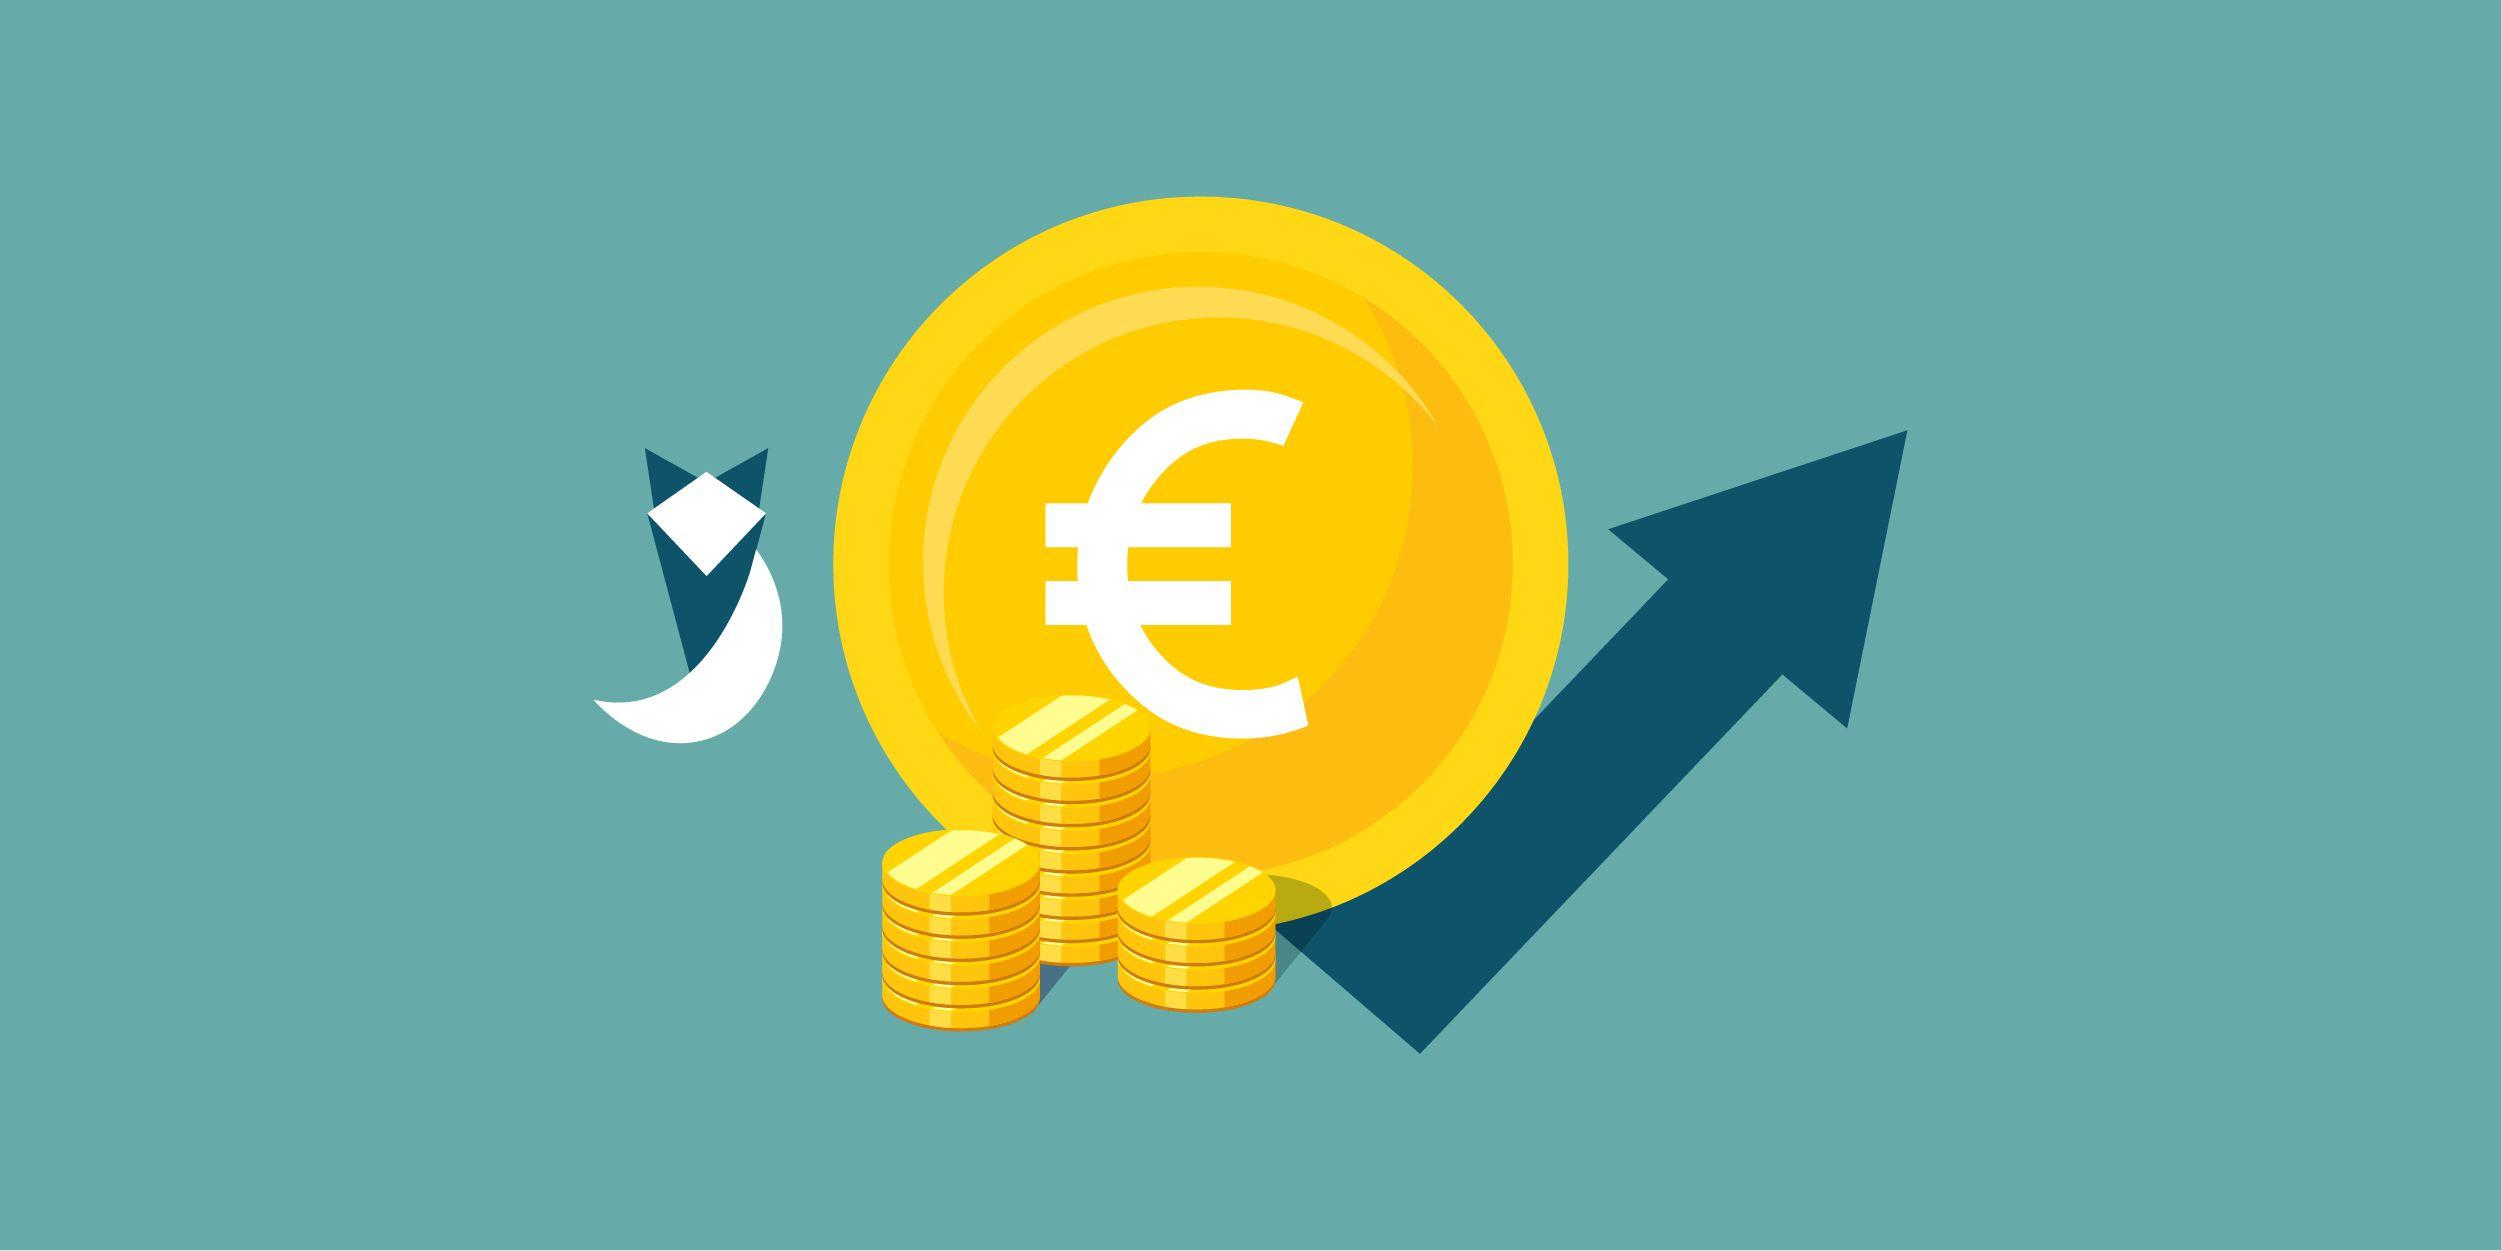 أسعار اليورو في البنوك المصرية اليوم 24 أغسطس 2021